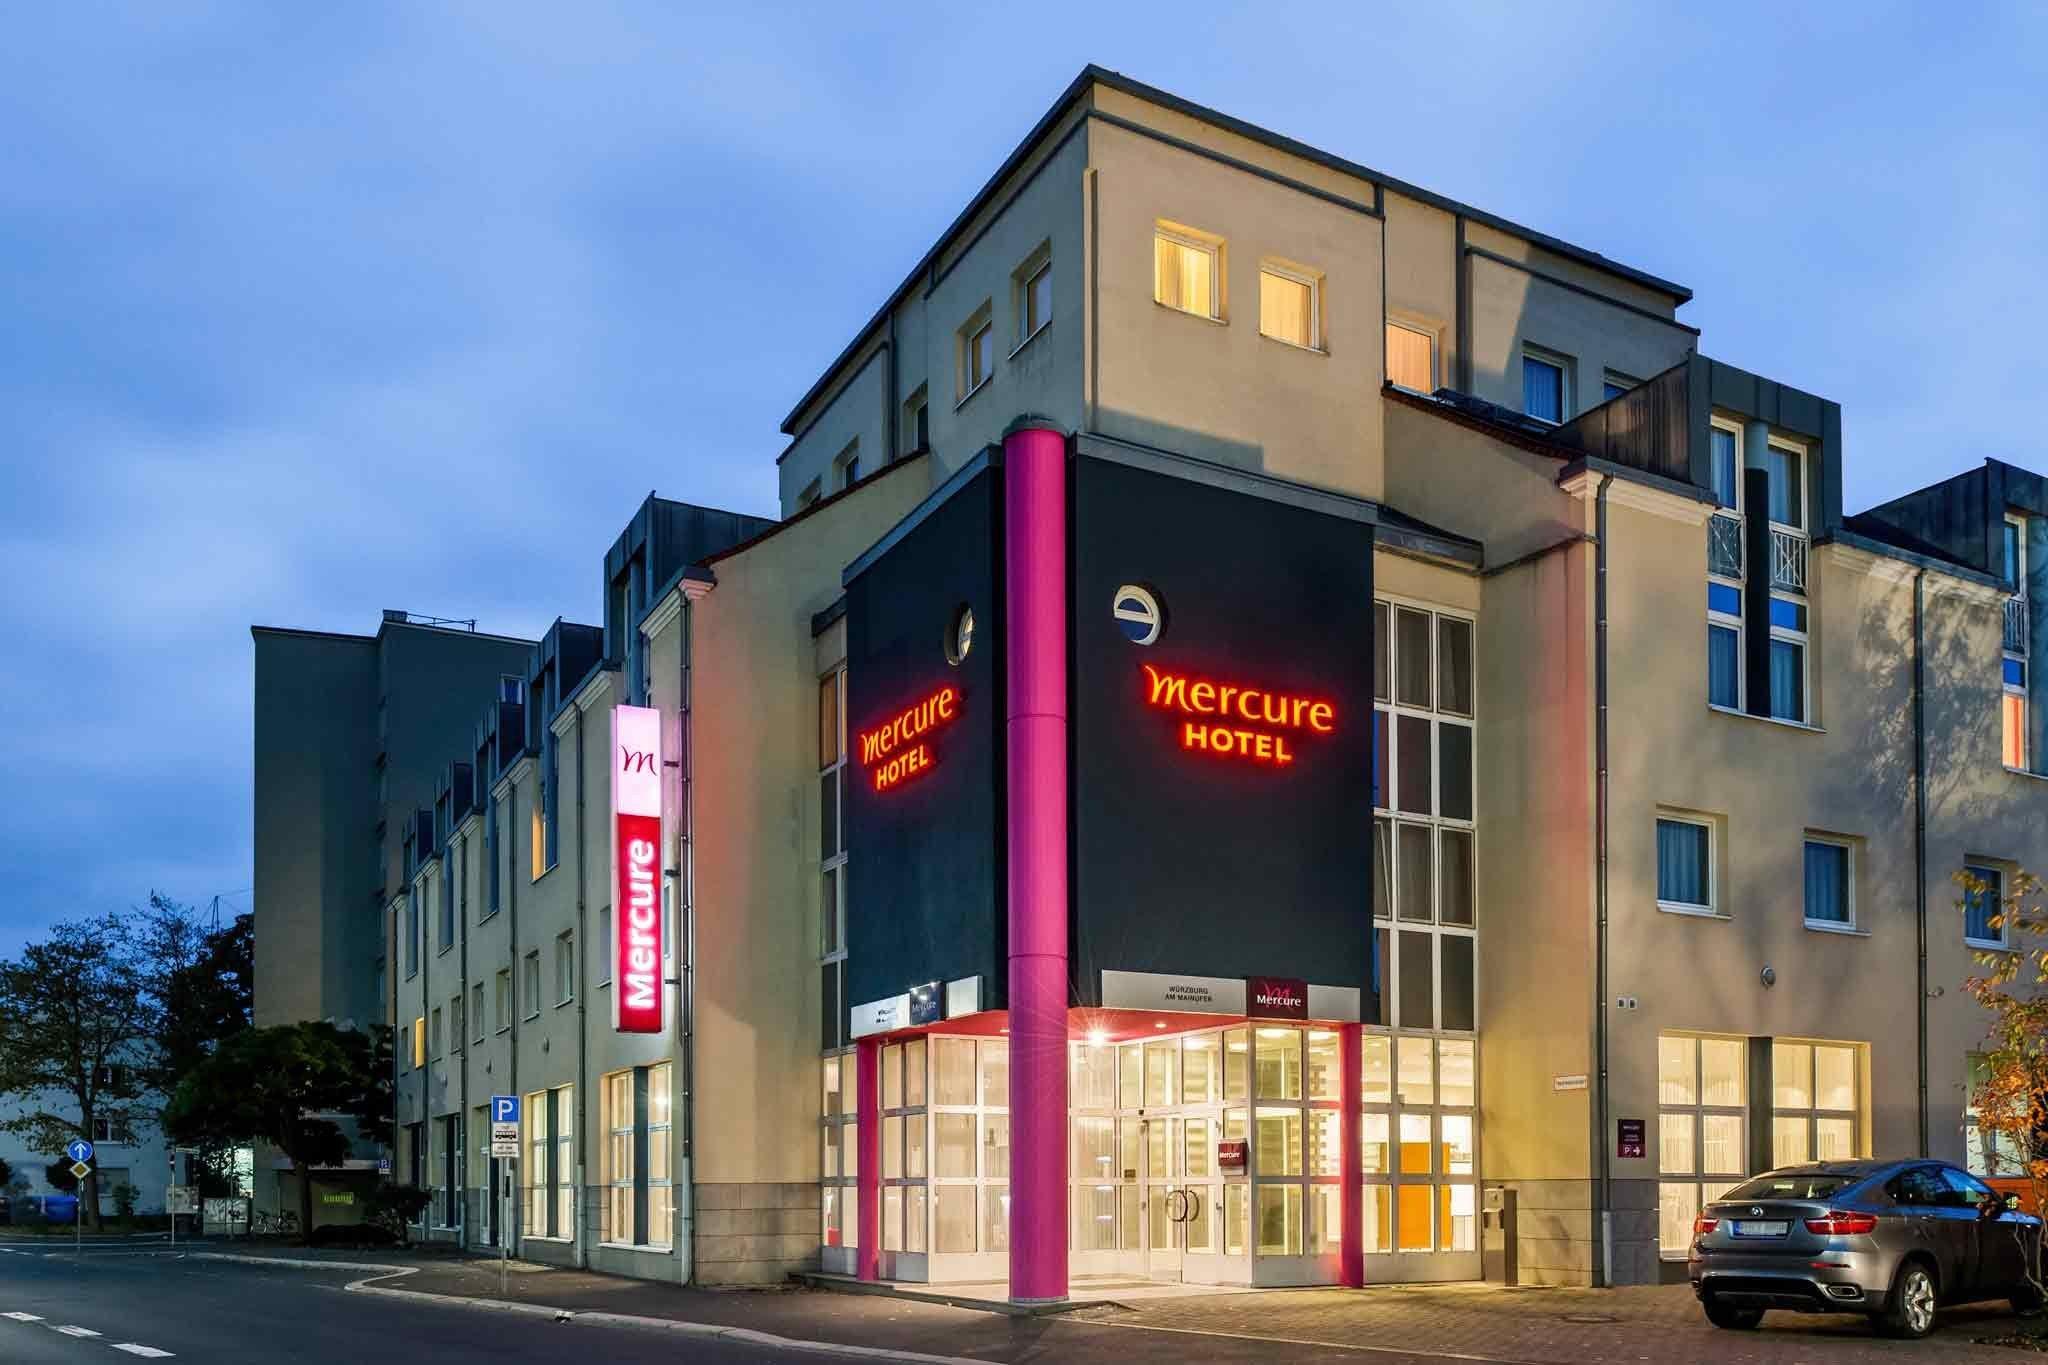 メルキュール ホテル ヴュルツブルグ アム マインウファー